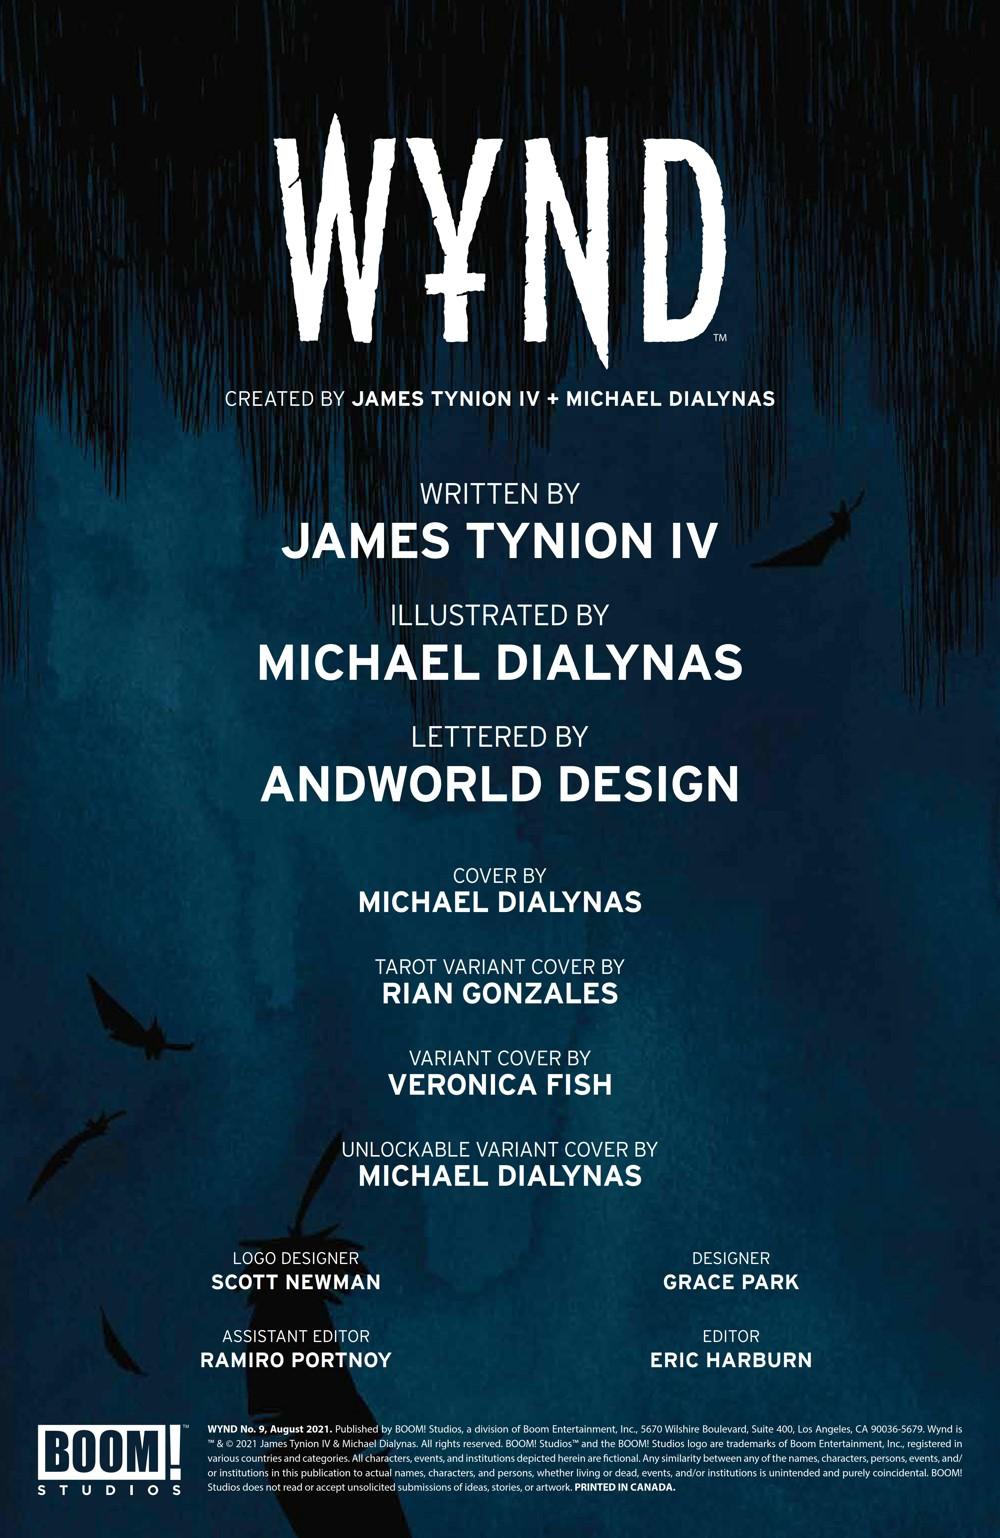 Wynd_009_PRESS_2 ComicList Previews: WYND #9